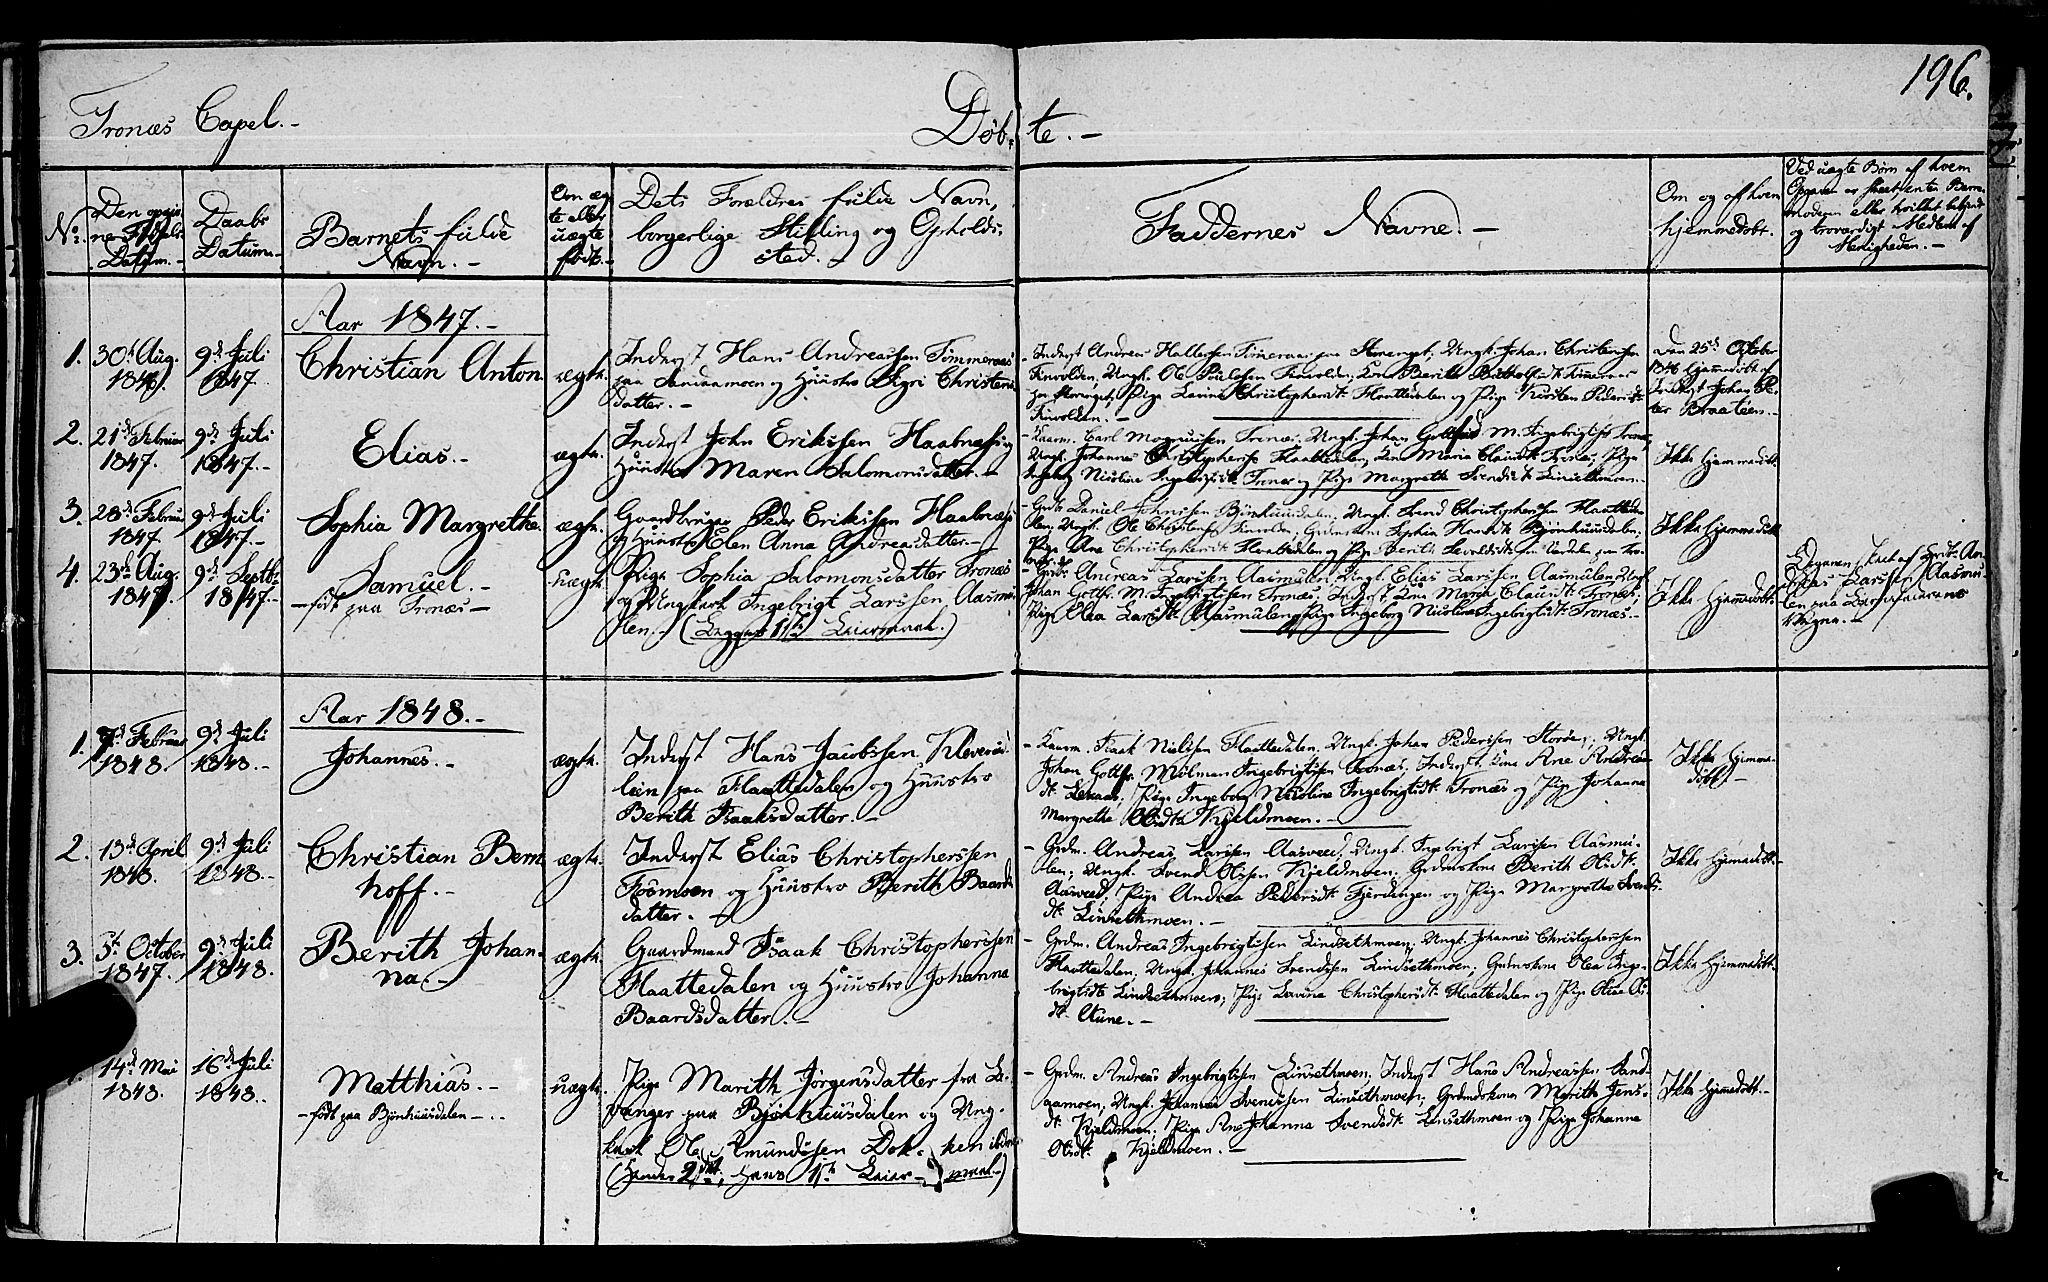 SAT, Ministerialprotokoller, klokkerbøker og fødselsregistre - Nord-Trøndelag, 762/L0538: Ministerialbok nr. 762A02 /2, 1833-1879, s. 196